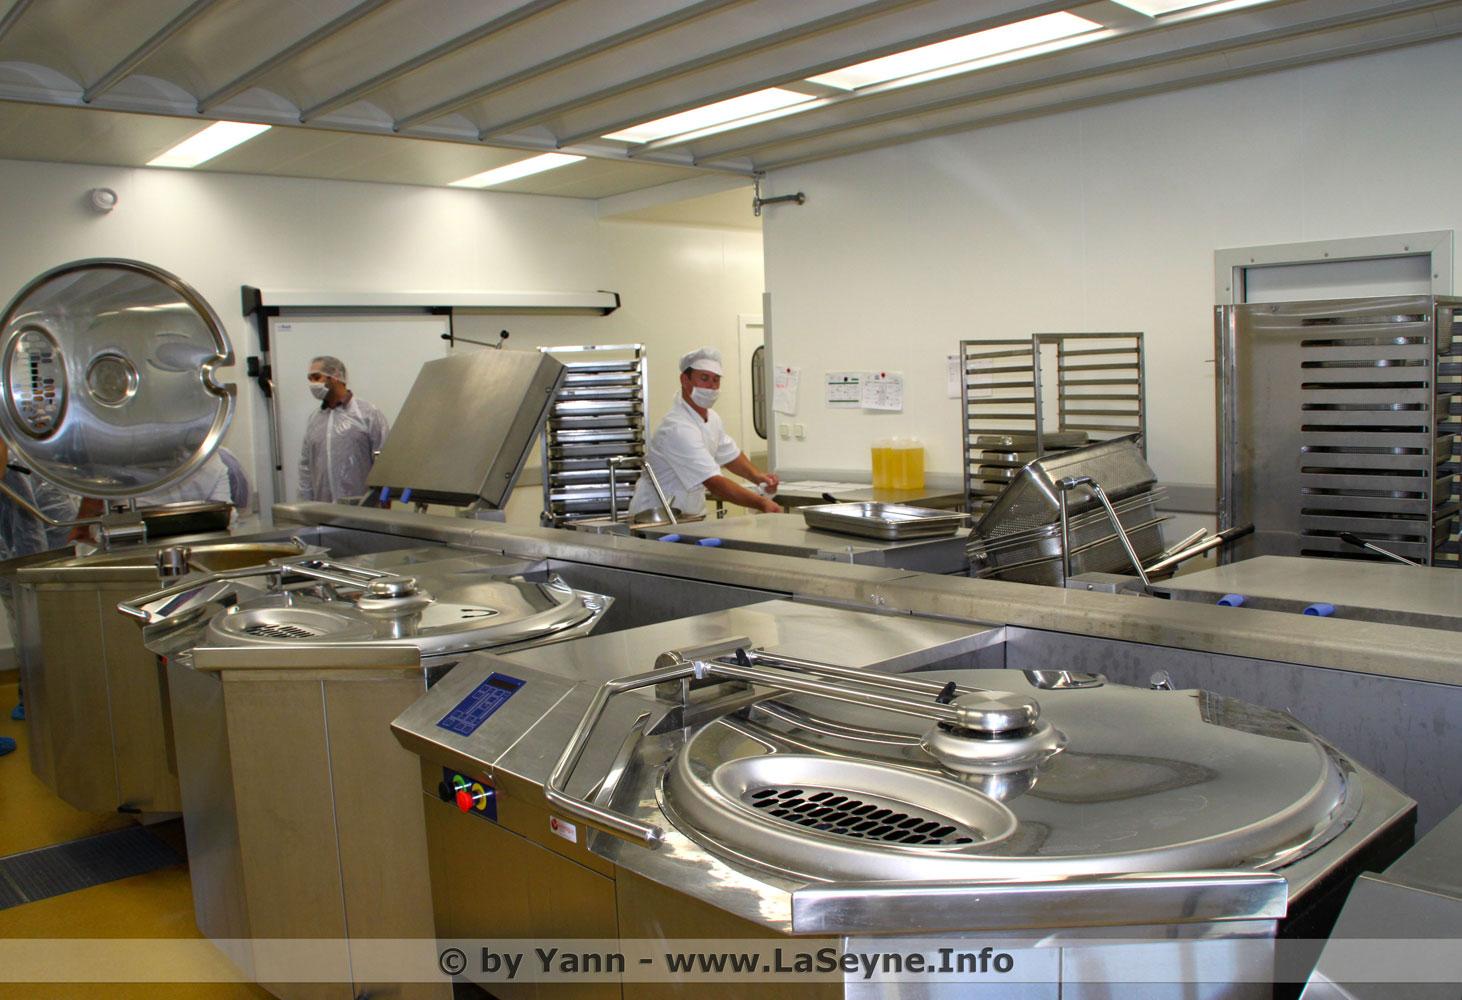 Restauration scolaire une nouvelle cuisine centrale en for Cuisine centrale